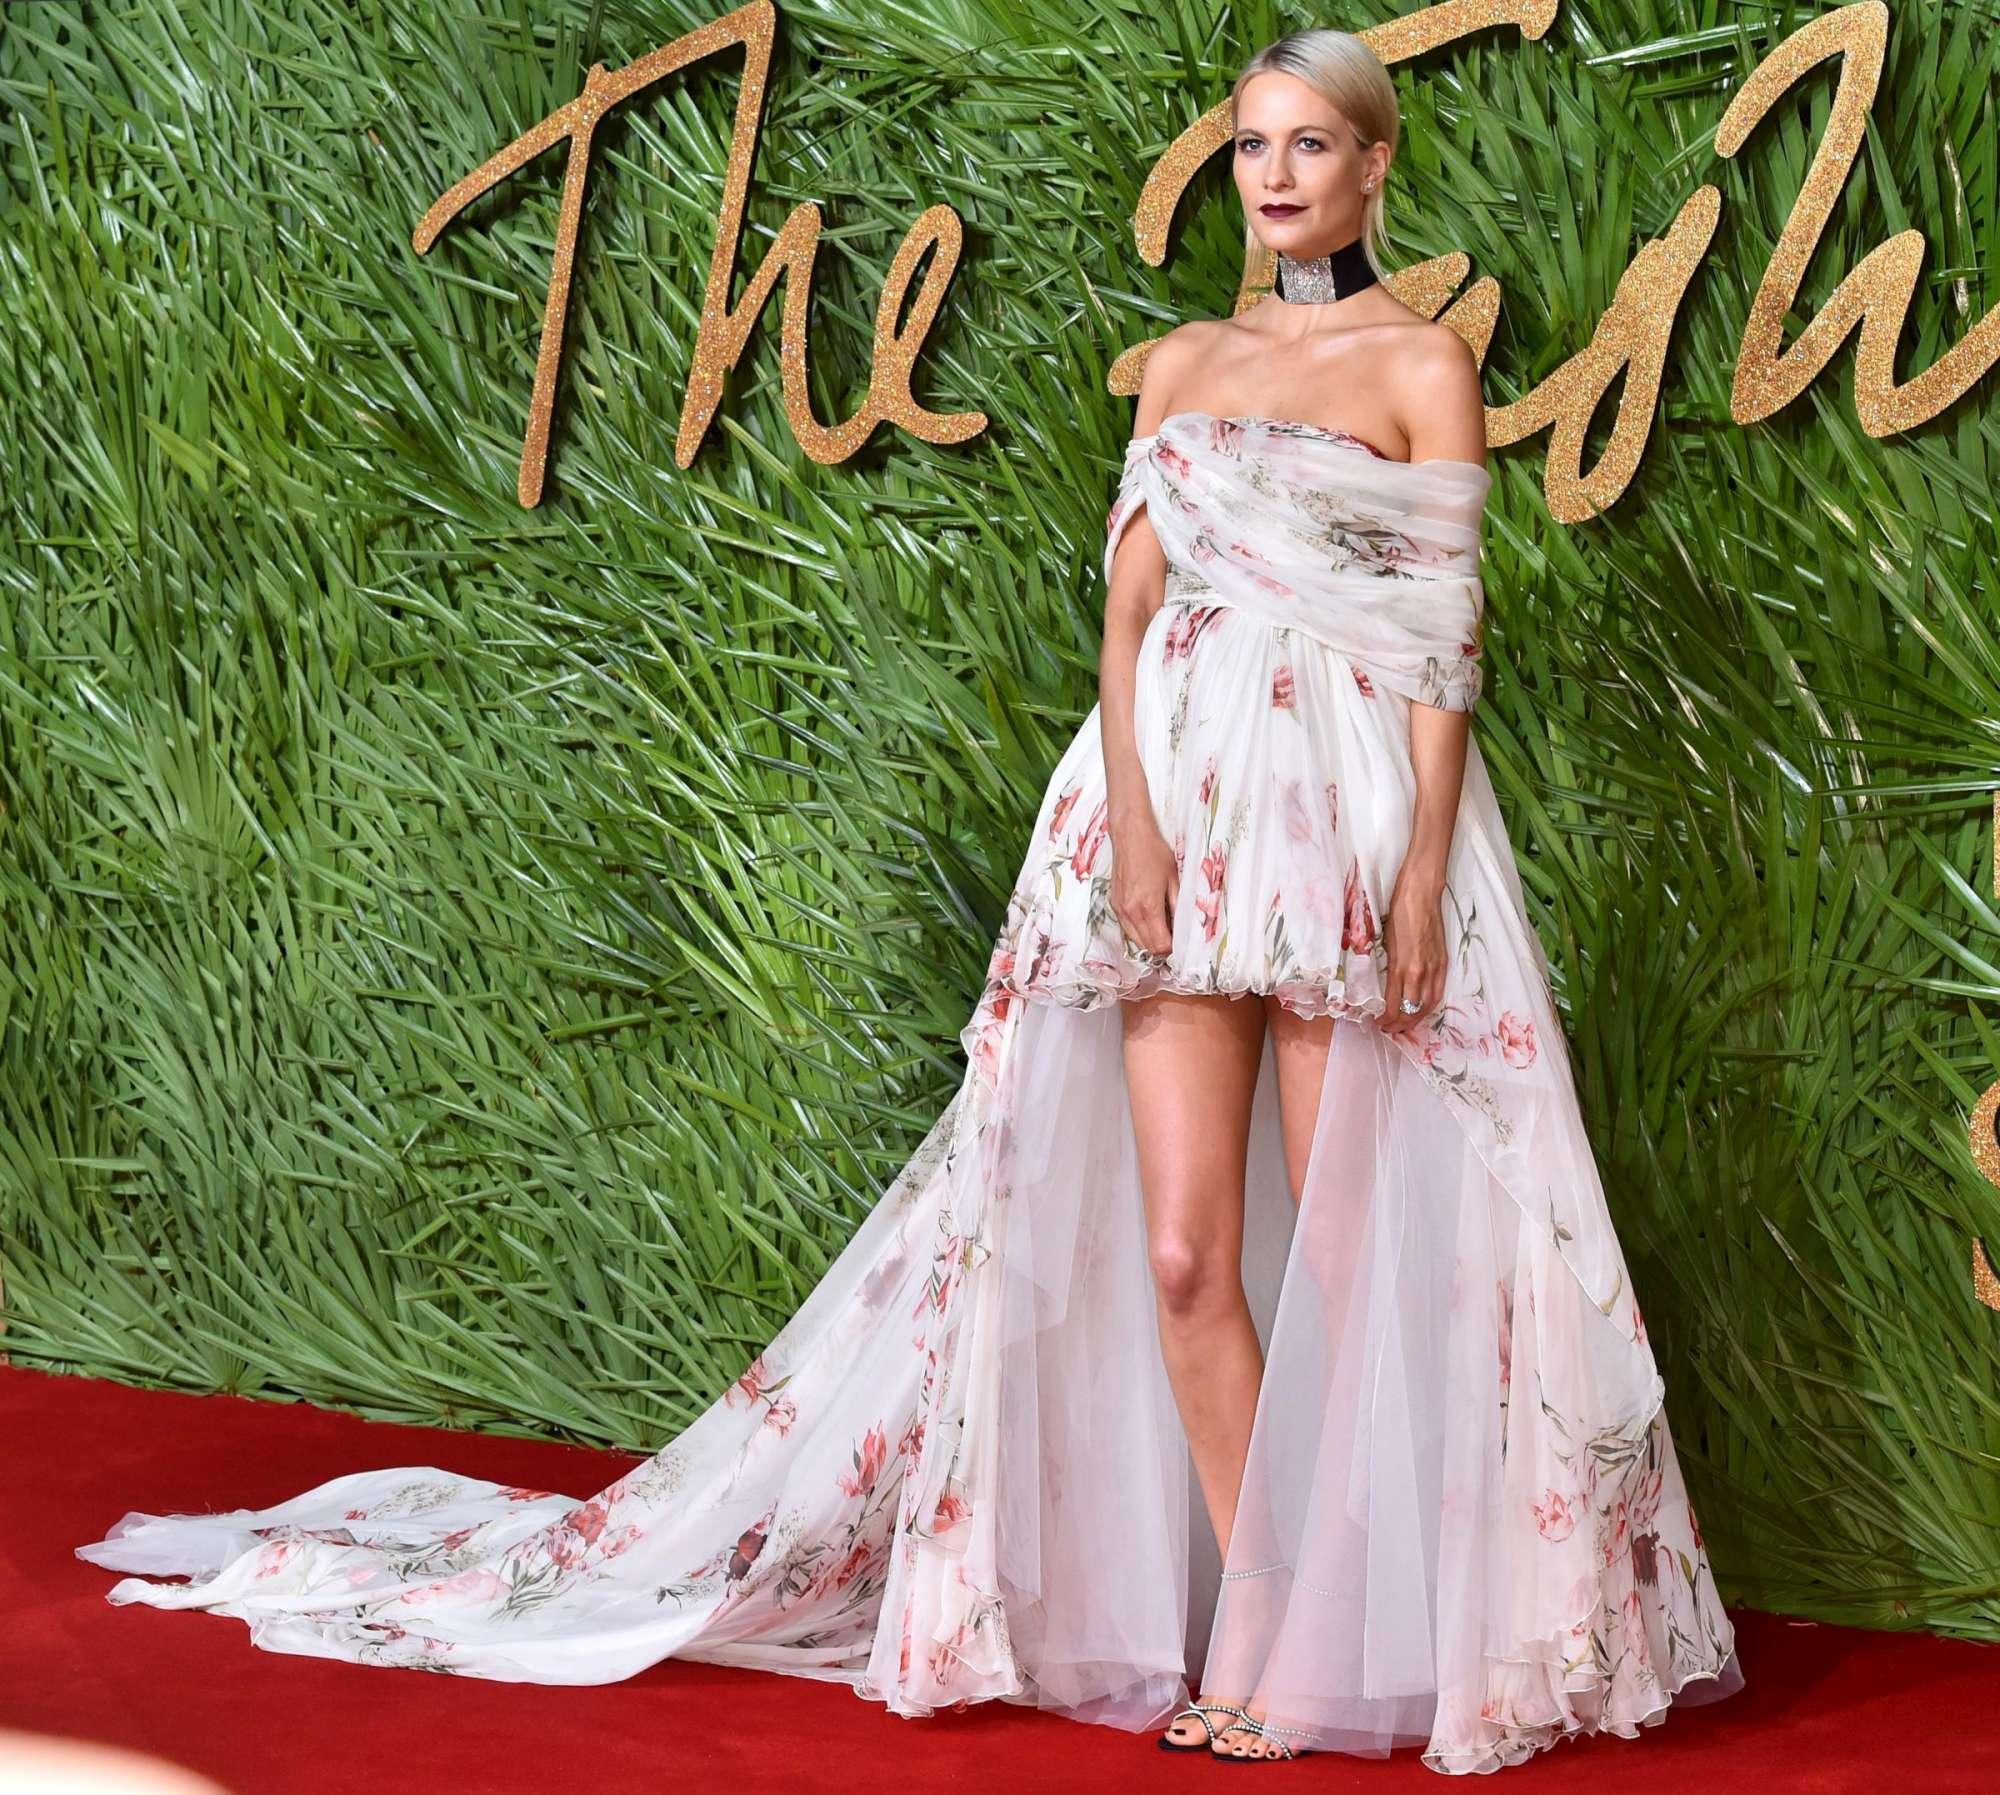 Fashion Awards 2017: da Eva Herzigova a Irina Shayk, bellezze in passerella